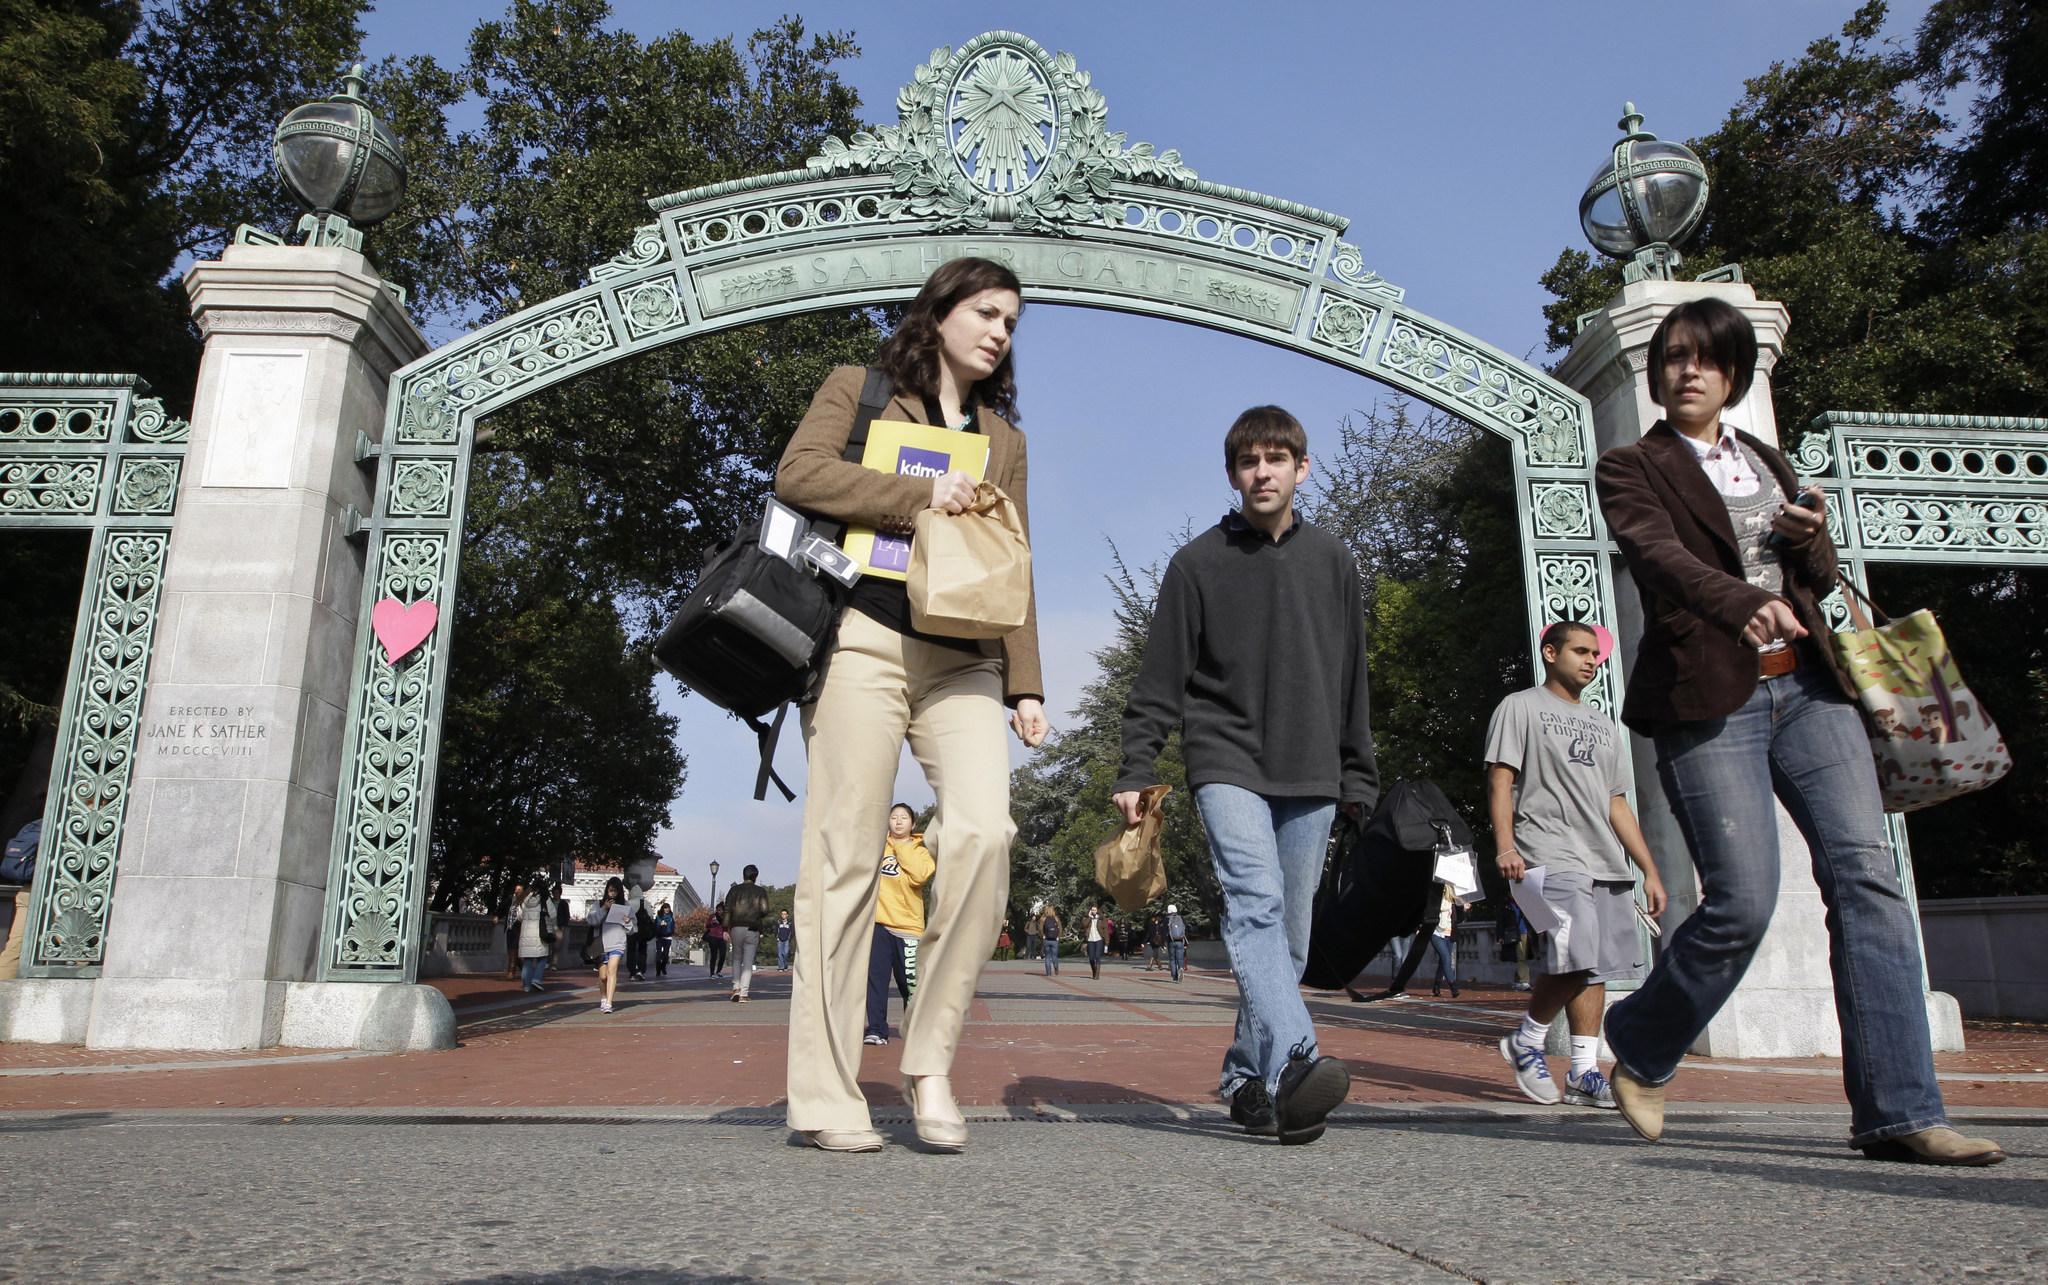 Students walk through Sather Gate on the UC Berkeley campus. (Paul Sakuma / Associated Press)